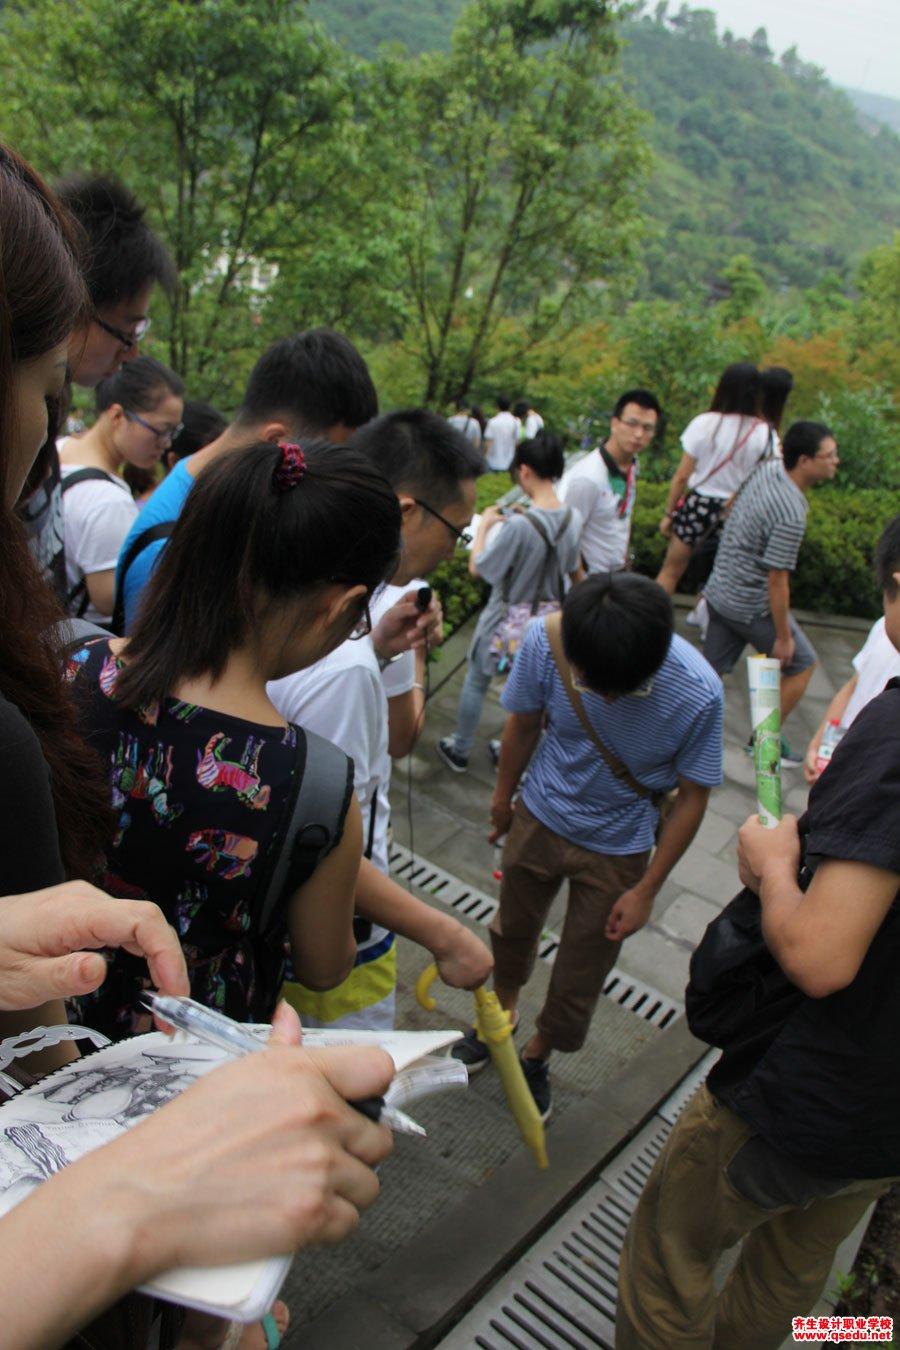 齐生设计职业学校2013年7月校外学习6